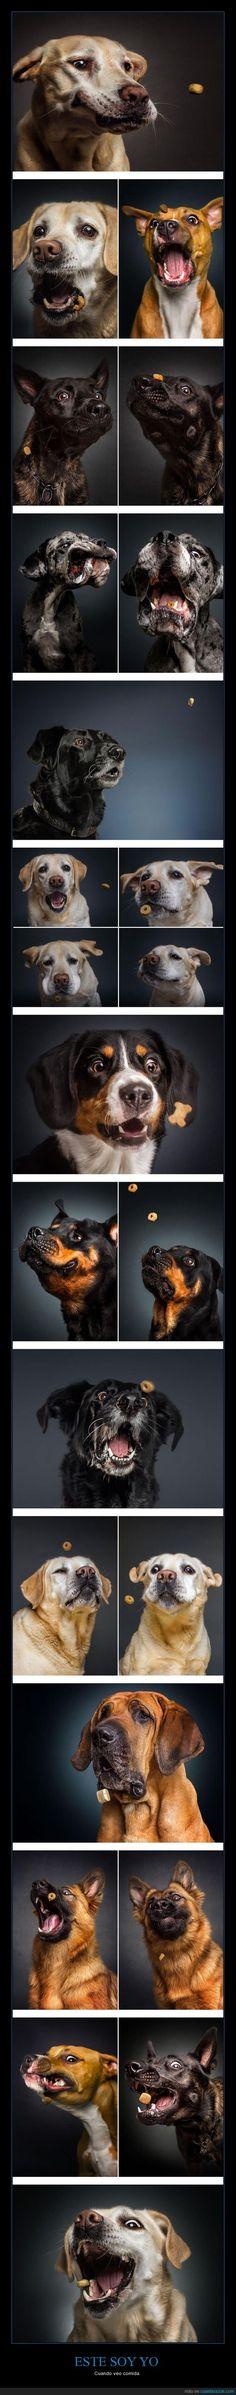 Fotógrafo captura las graciosas caras de perros cogiendo comida del aire - Cuando veo comida   Gracias a http://www.cuantarazon.com/   Si quieres leer la noticia completa visita: http://www.estoy-aburrido.com/fotografo-captura-las-graciosas-caras-de-perros-cogiendo-comida-del-aire-cuando-veo-comida/